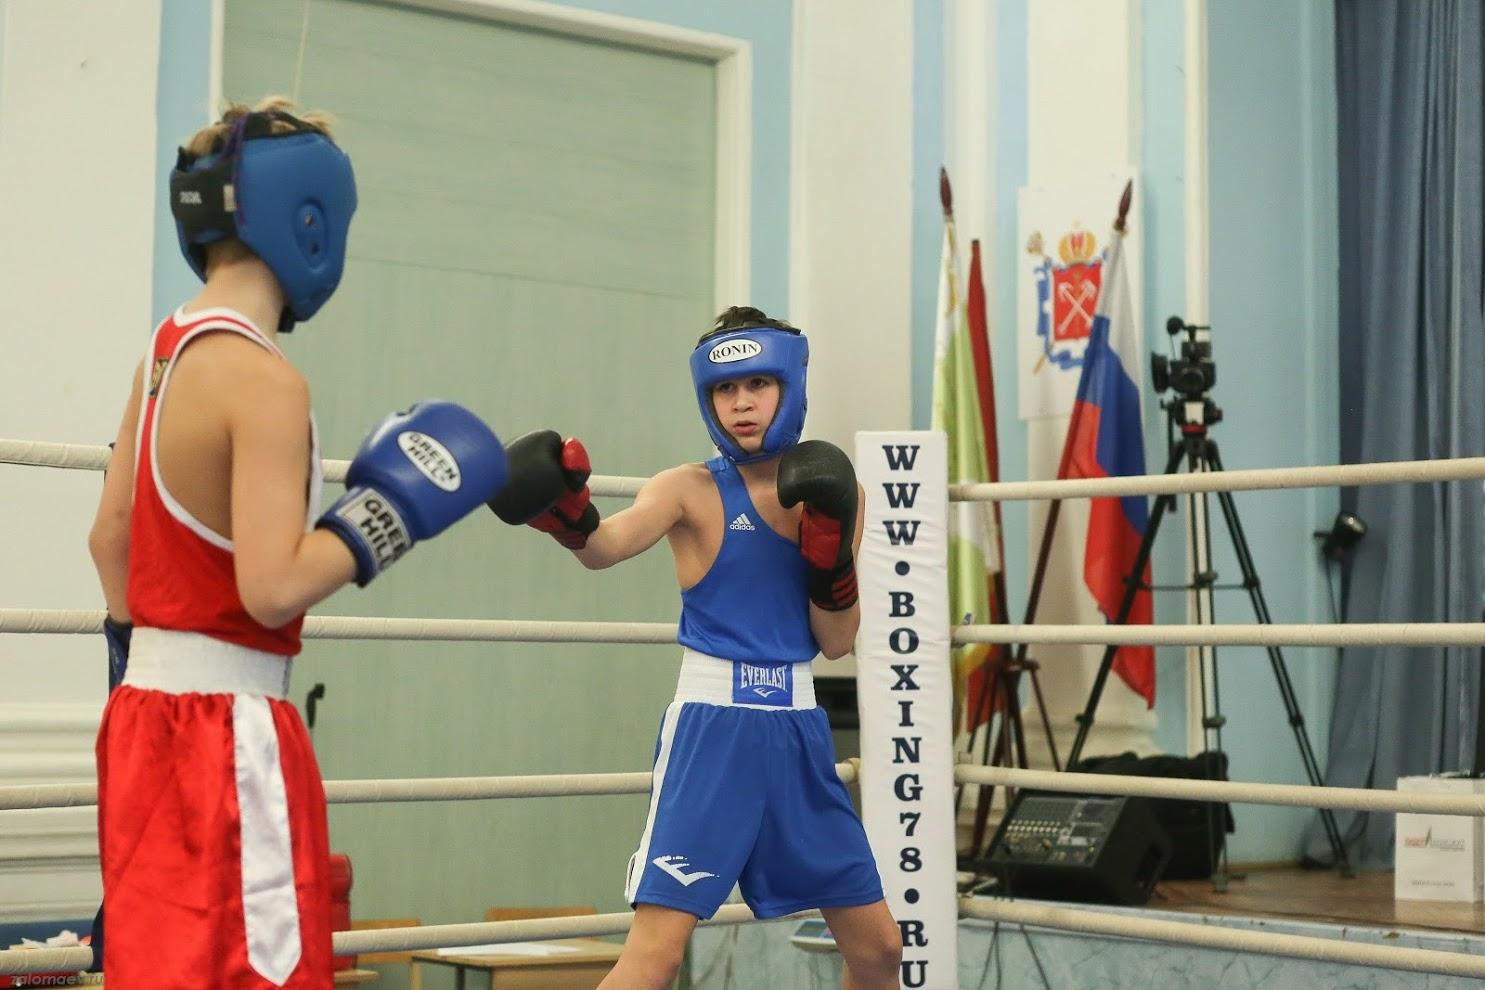 Что лучше бокс или карате: особенности бокса, его плюсы и минусы, карате — что это за вид спорта, его достоинства и недостатки